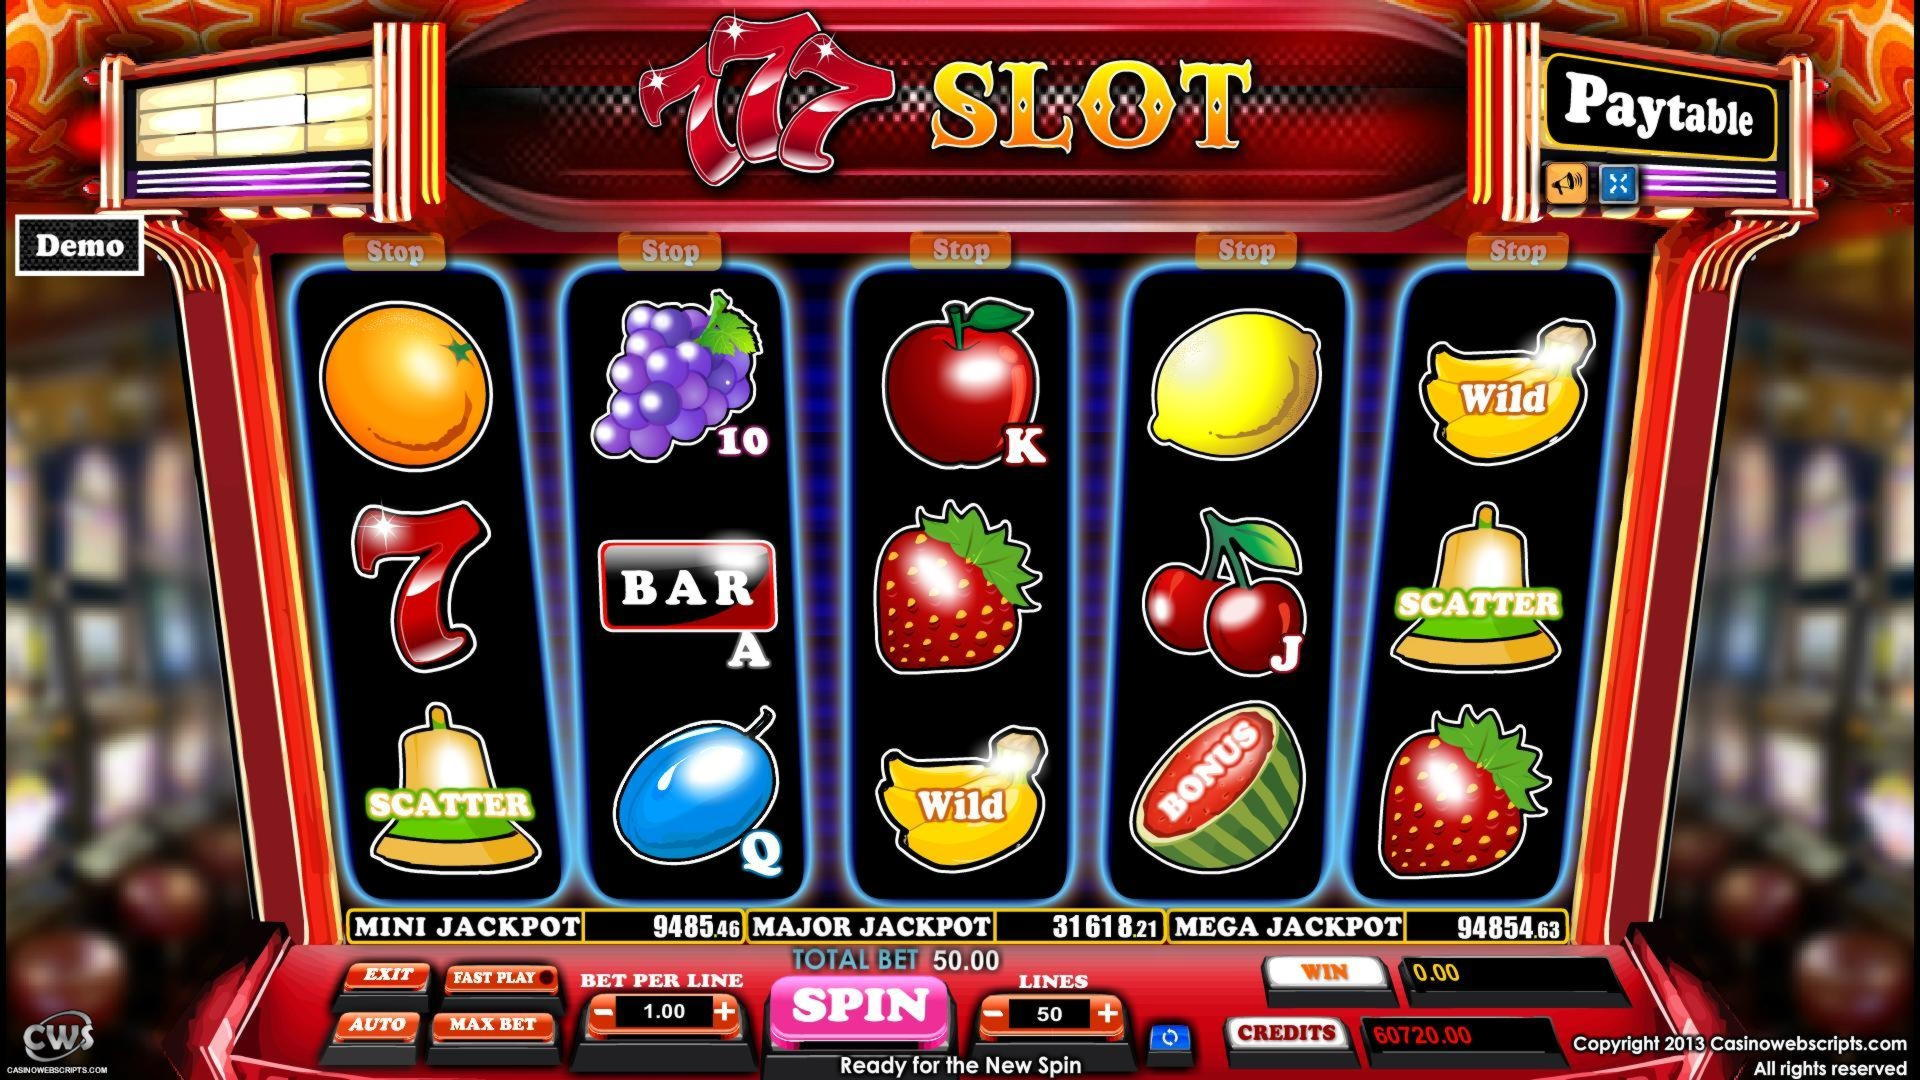 $ 44 ทัวร์นาเมนต์คาสิโนฟรีที่ BoVegas Casino